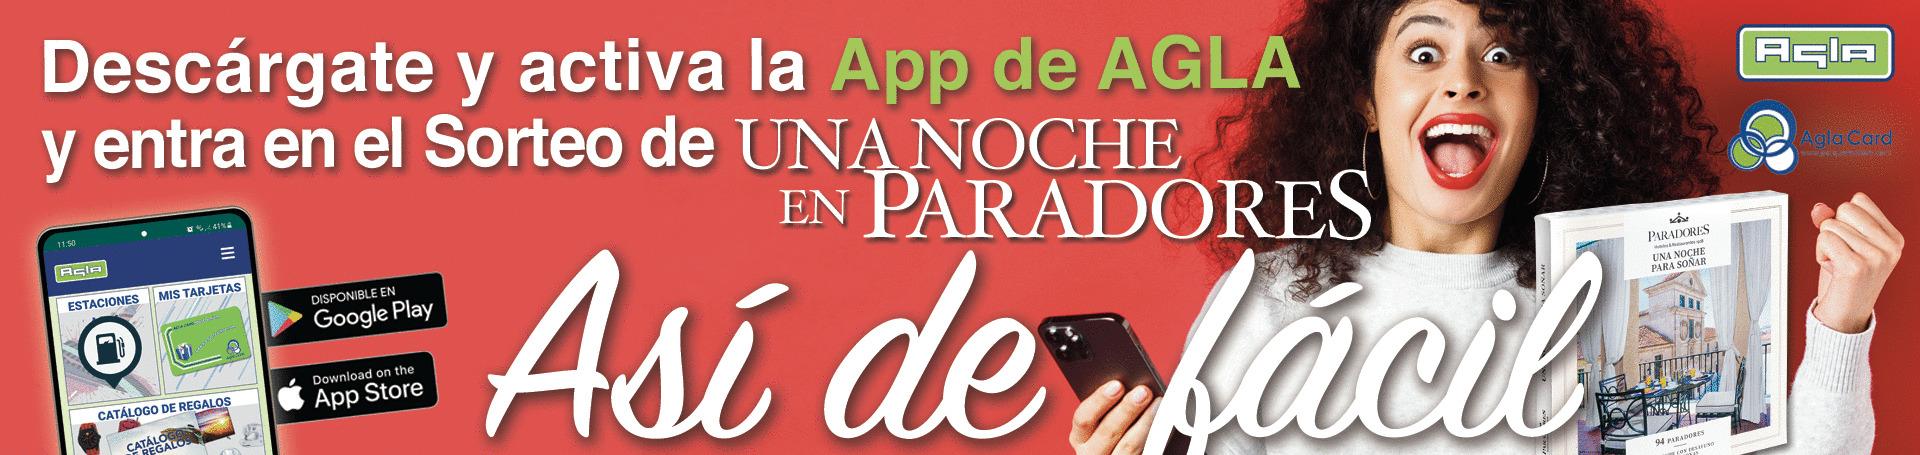 Nuevo sorteo ¡Descarga la APP de AGLA!